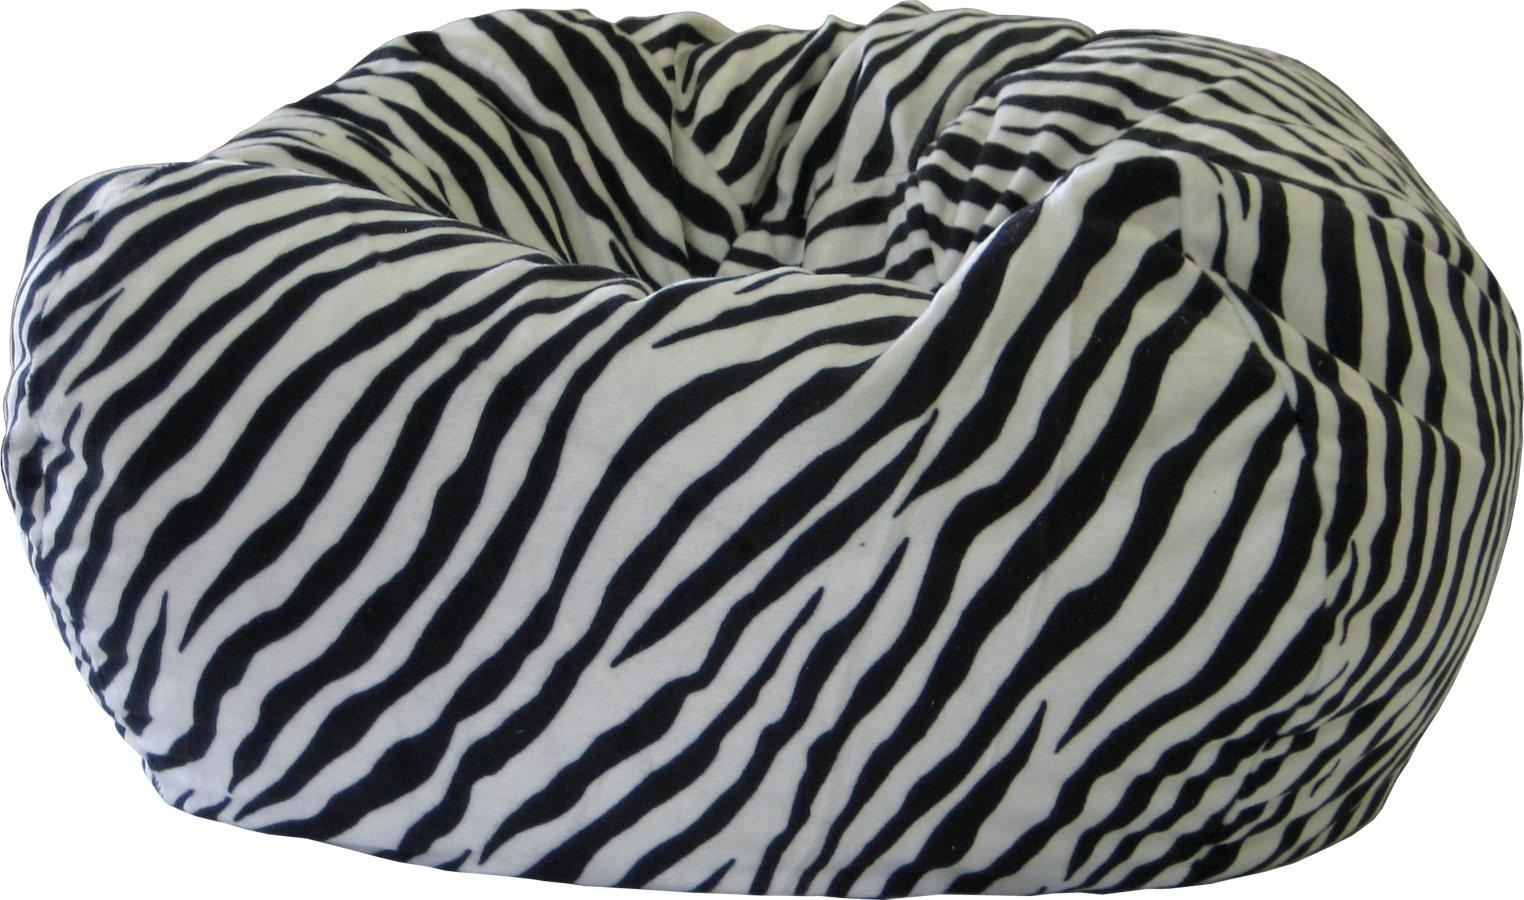 Gold Medal Bean Bags Safari Micro-Fiber Suede Animal Bean Bag, XX-Large, Zebra